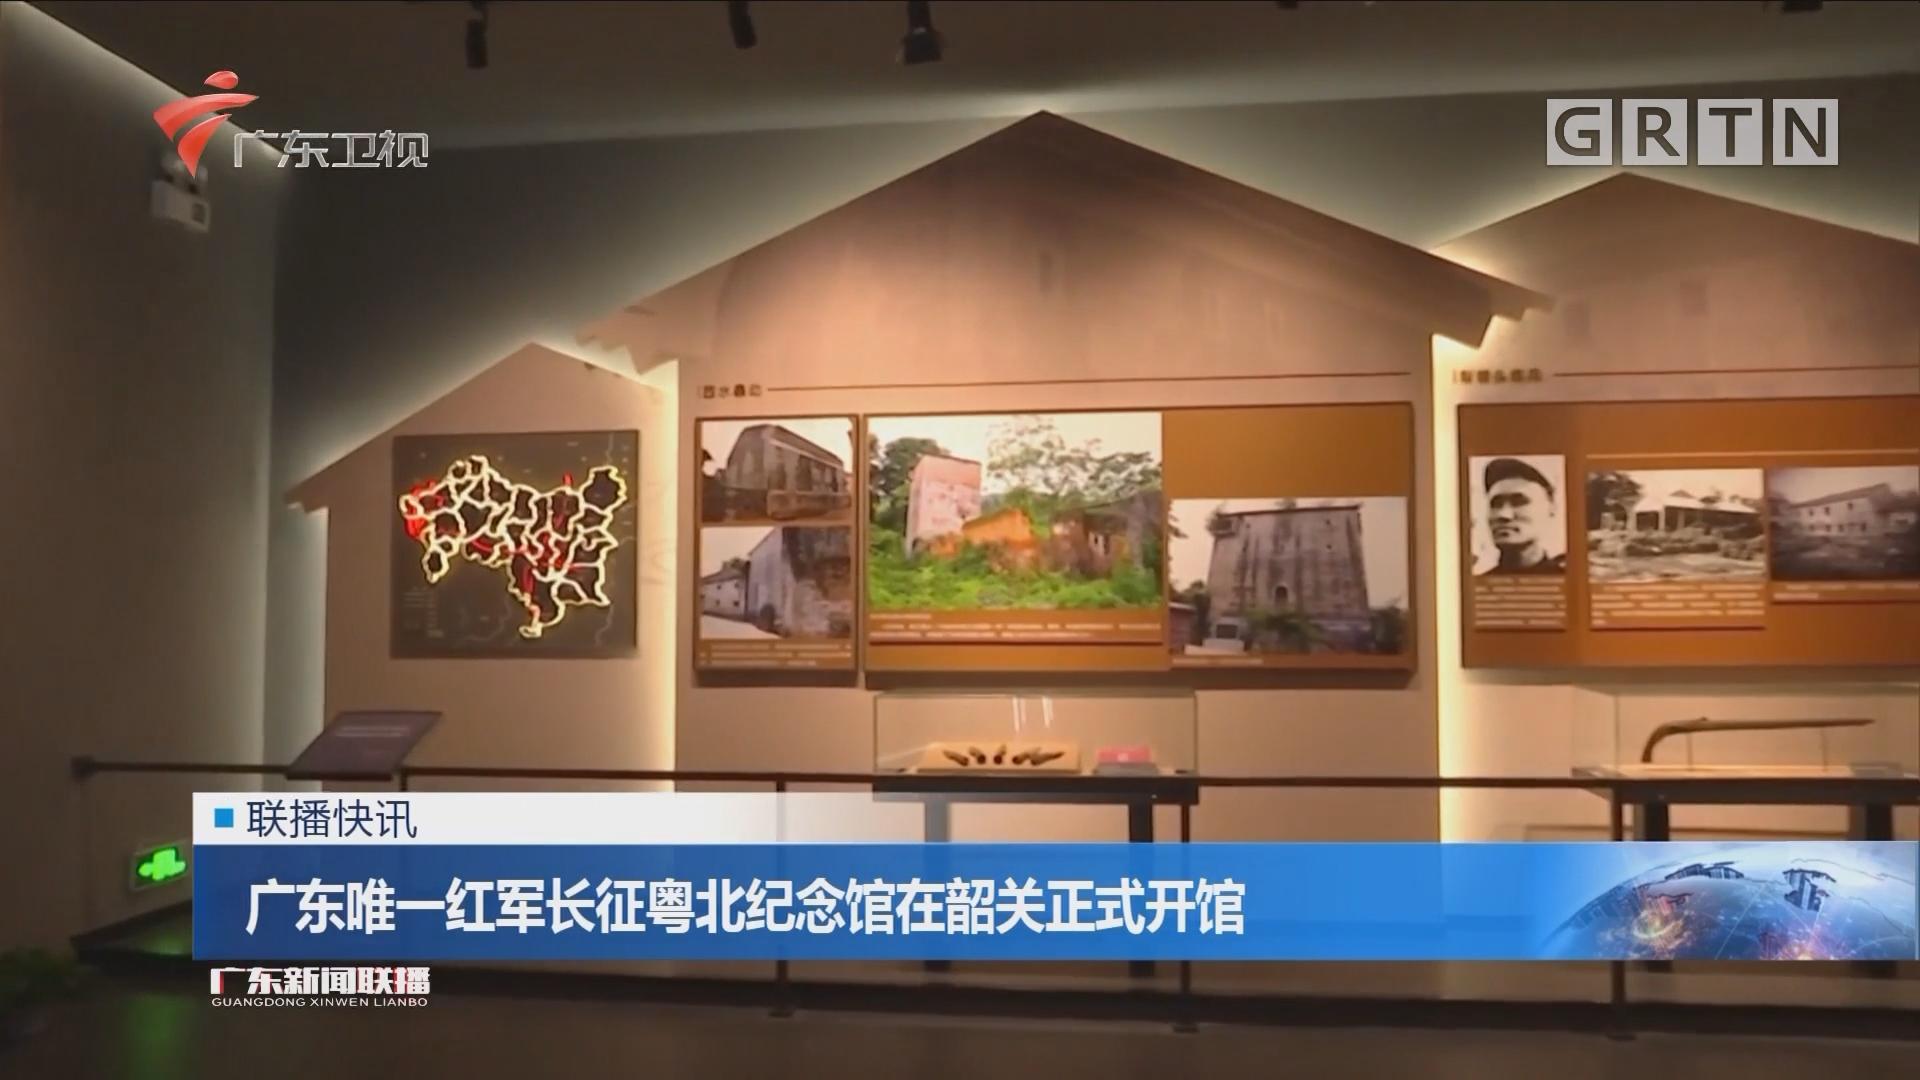 广东唯一红军长征粤北纪念馆在韶关正式开馆